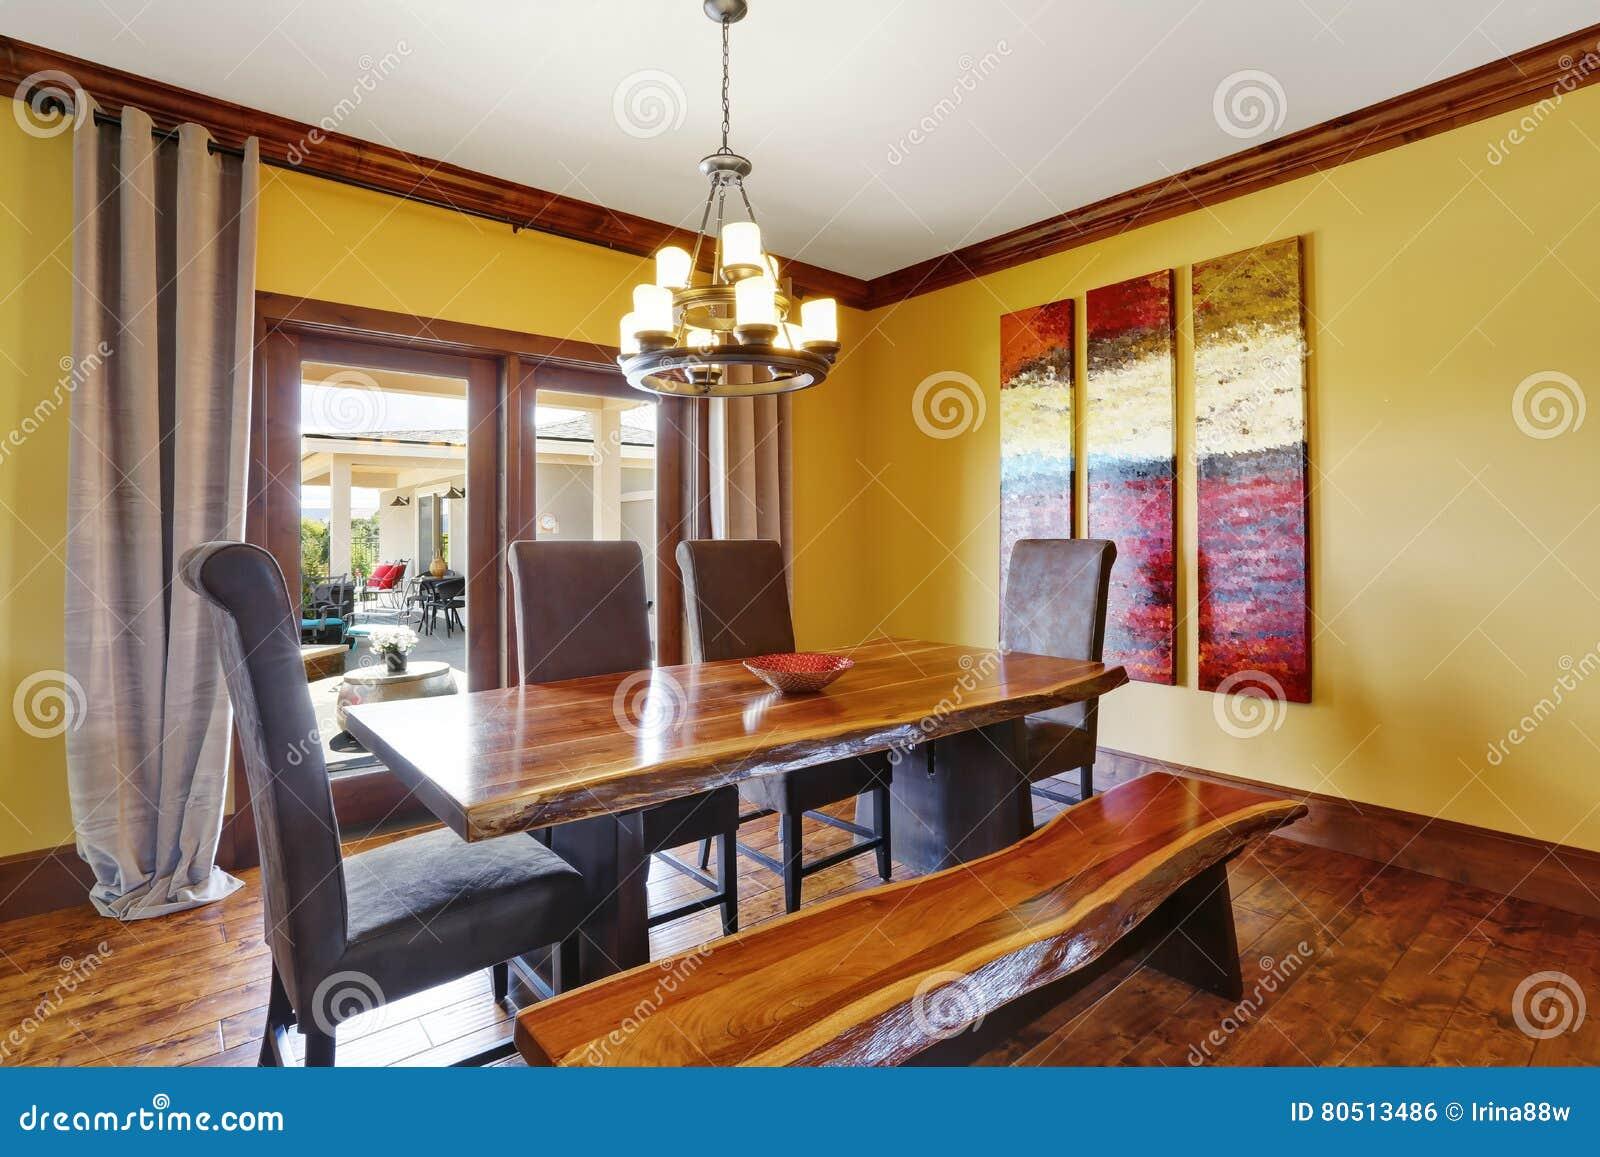 Intérieur De Salle à Manger Table En Bois Rustique Banc Et Hautes